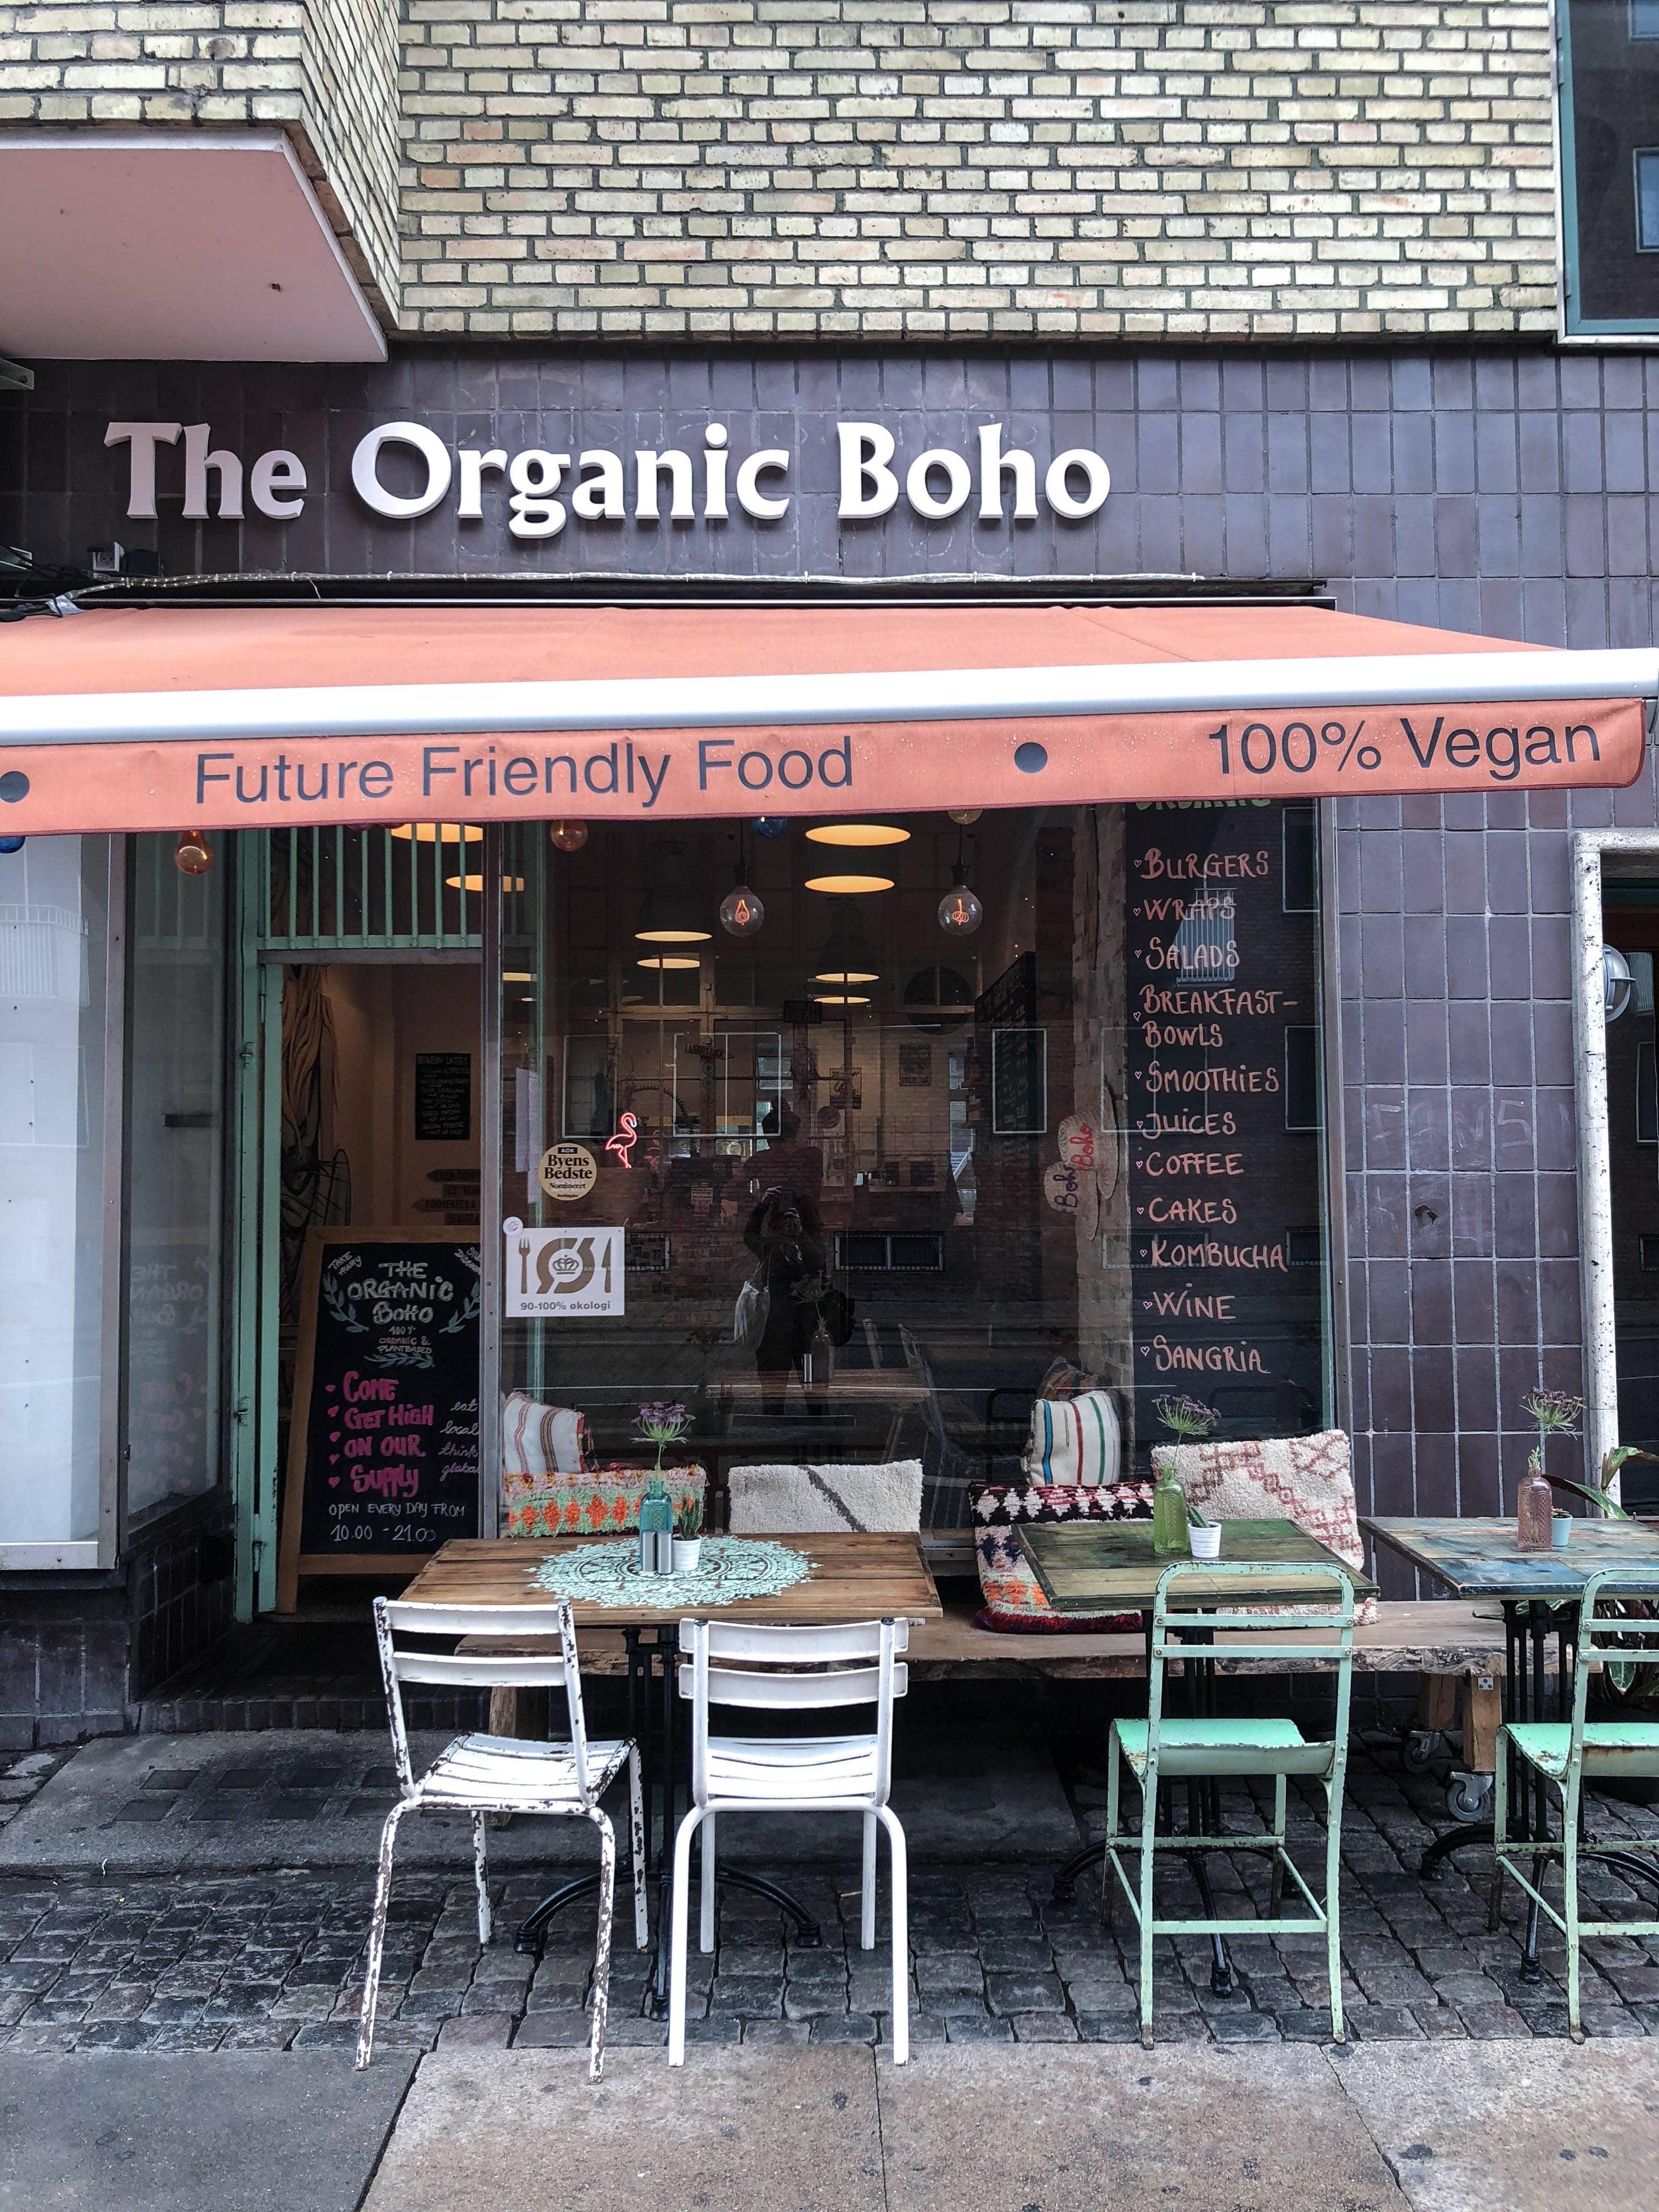 the organic boho café vegan